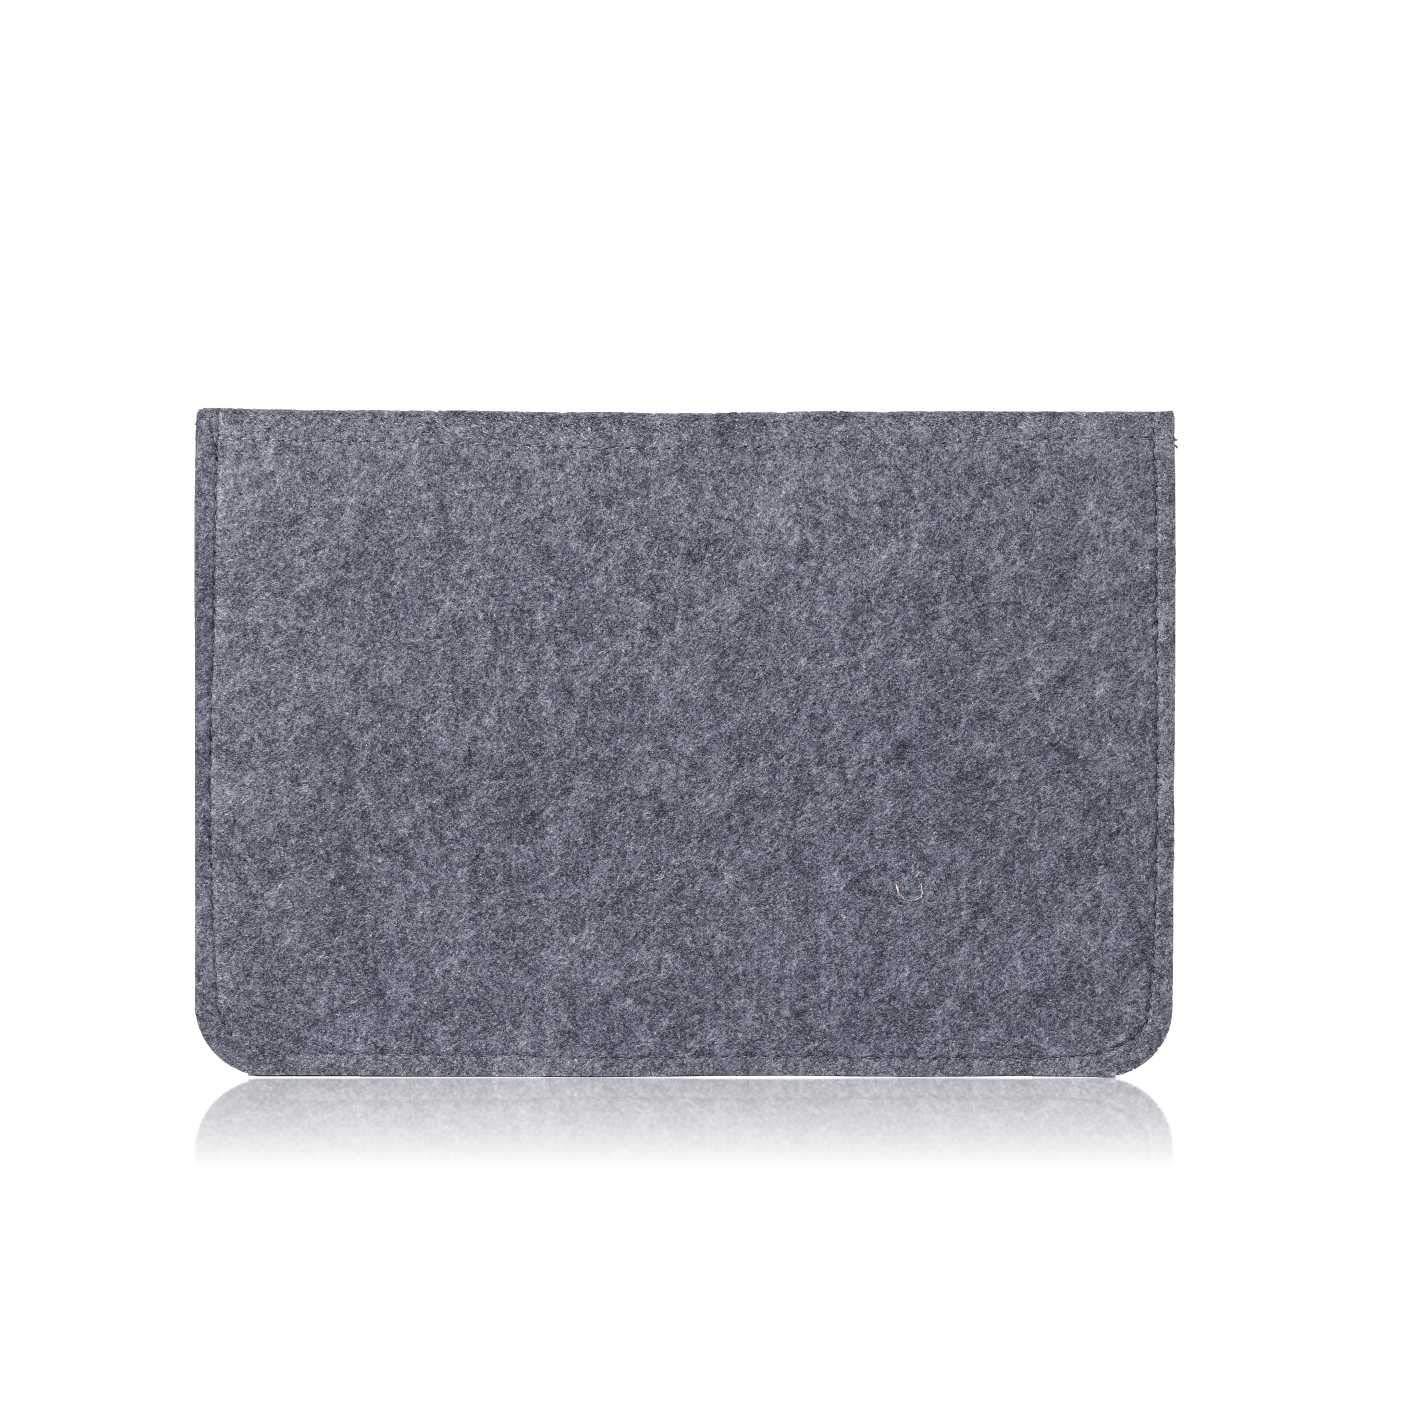 Bolsa de Accesorios Ultrabook 15.6 Pulgadas Laptop Sleeve para ASUS//Acer//DELL//HP//Lenovo//Toshiba OrgaWise Funda Ordenador 15